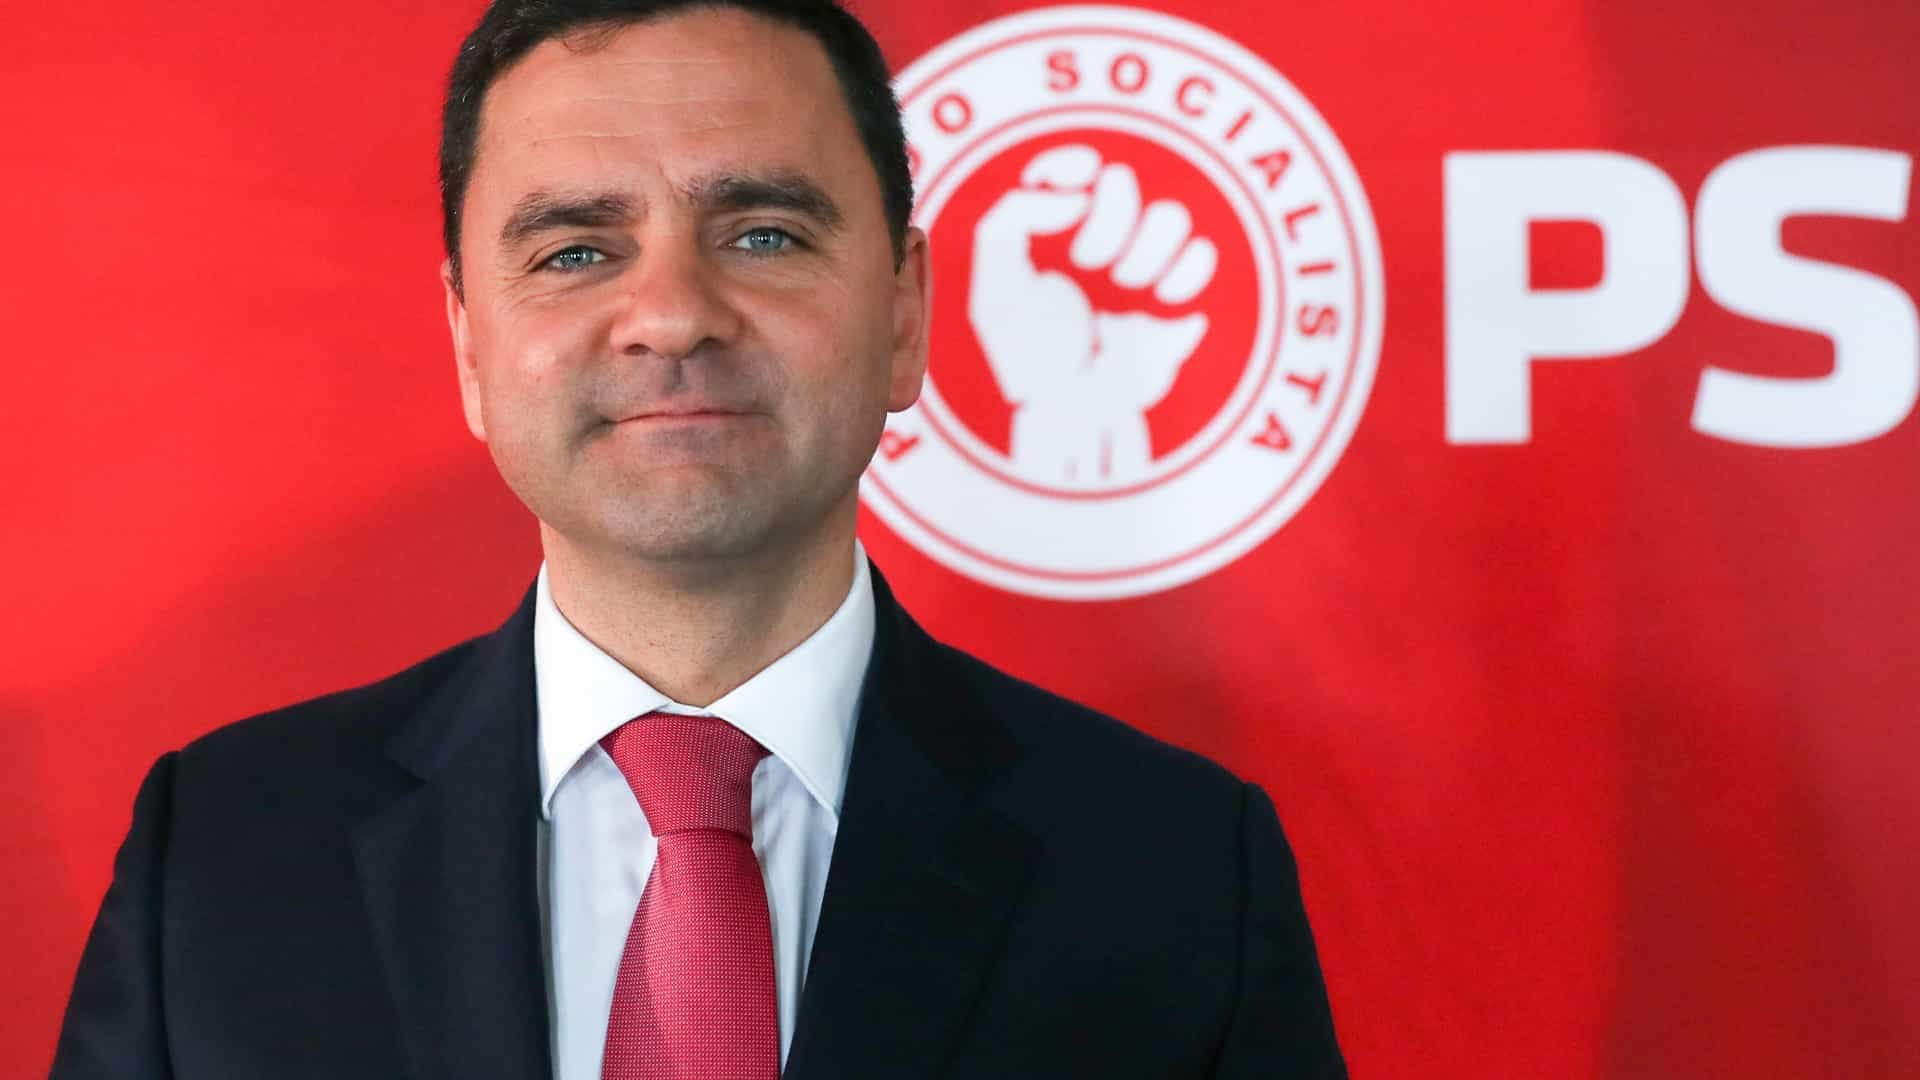 Pedro Marques afirma-se confortável no papel de defensor do Governo